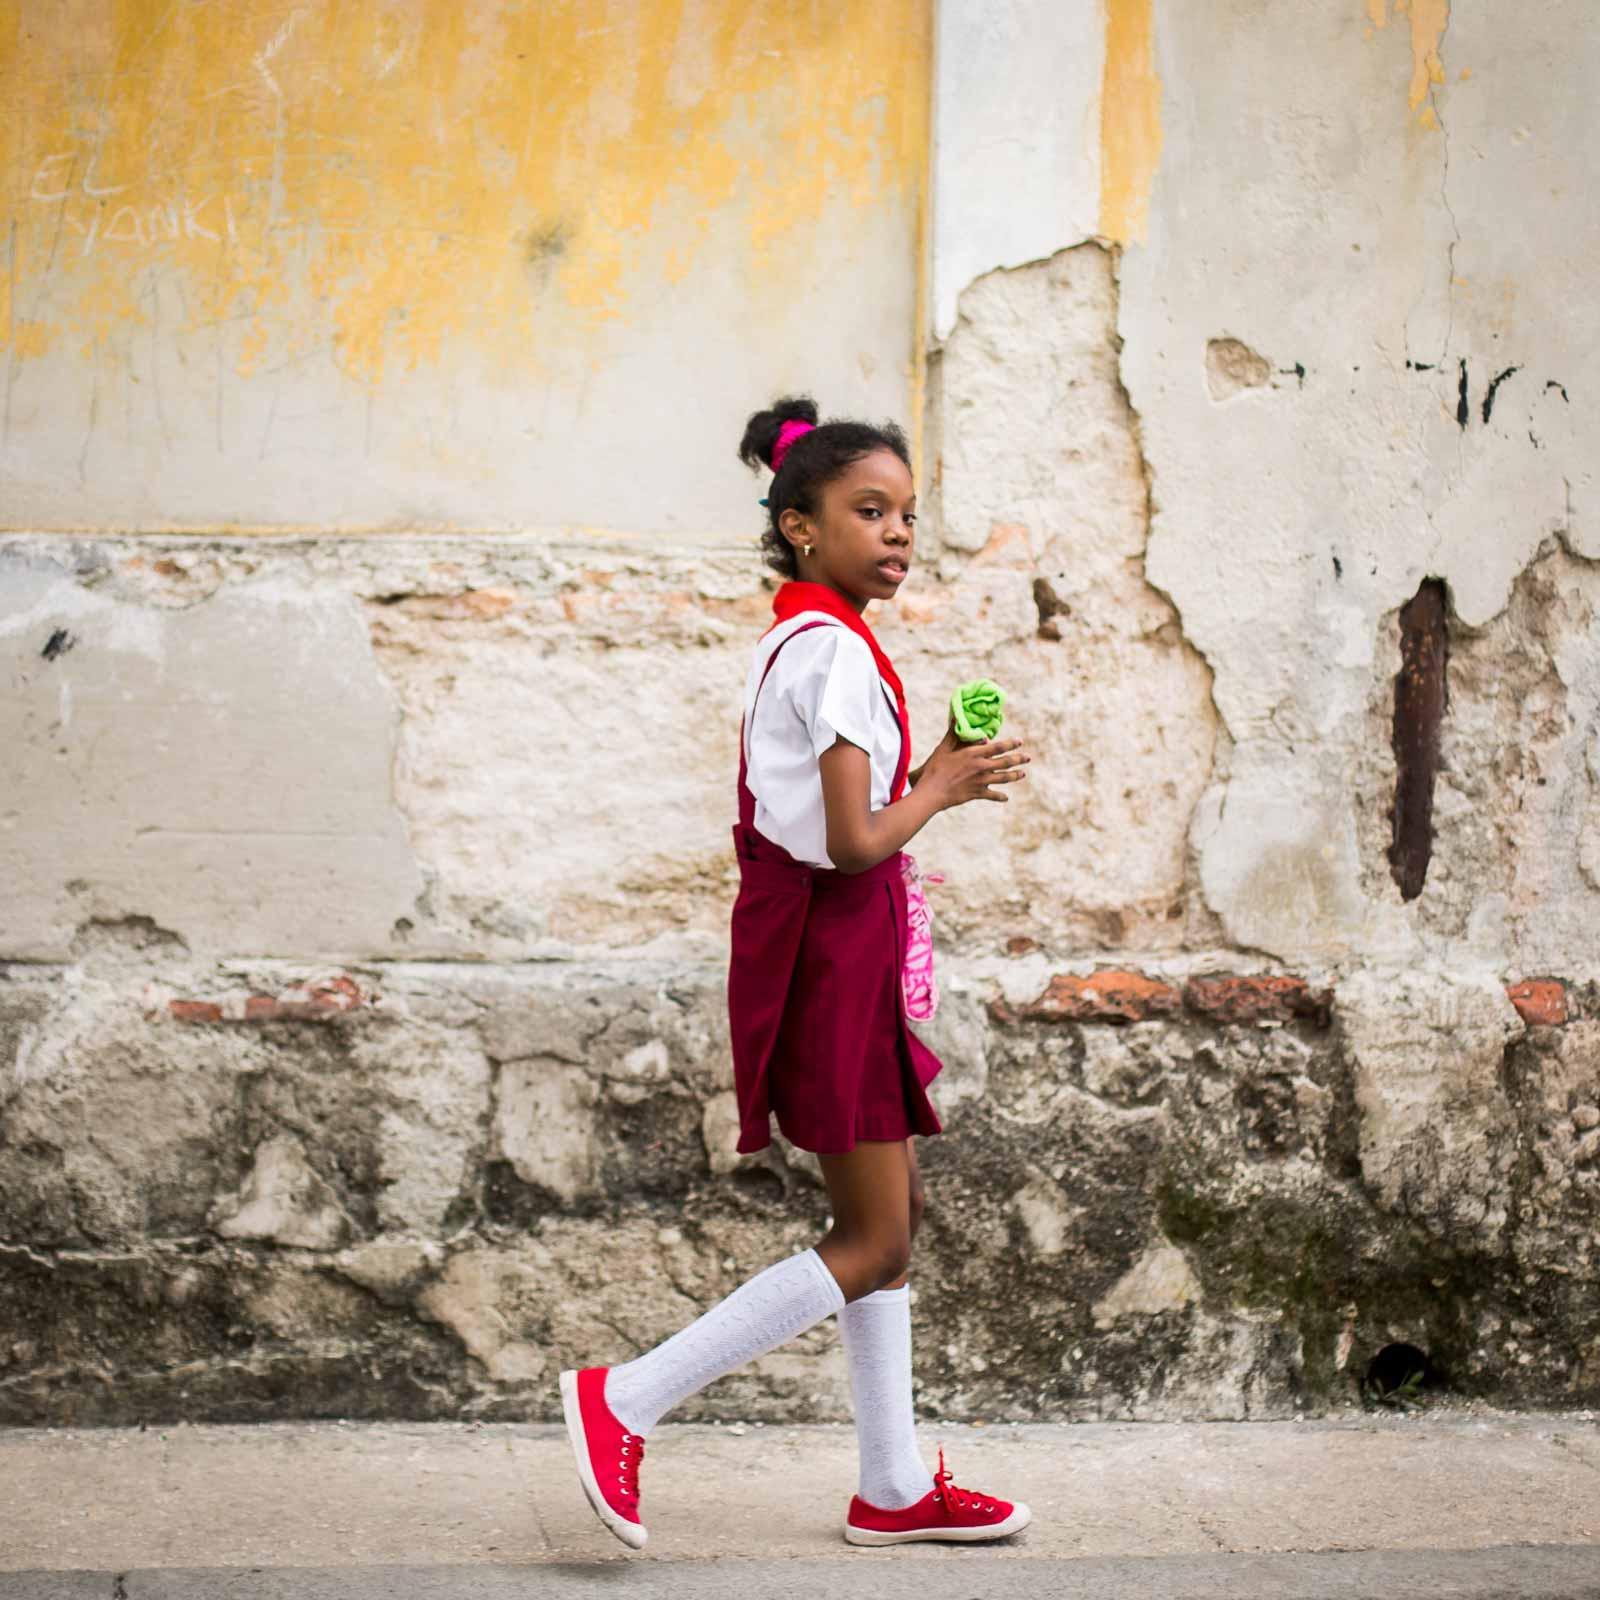 retratos-cuba-habana-expedicion-fotografia